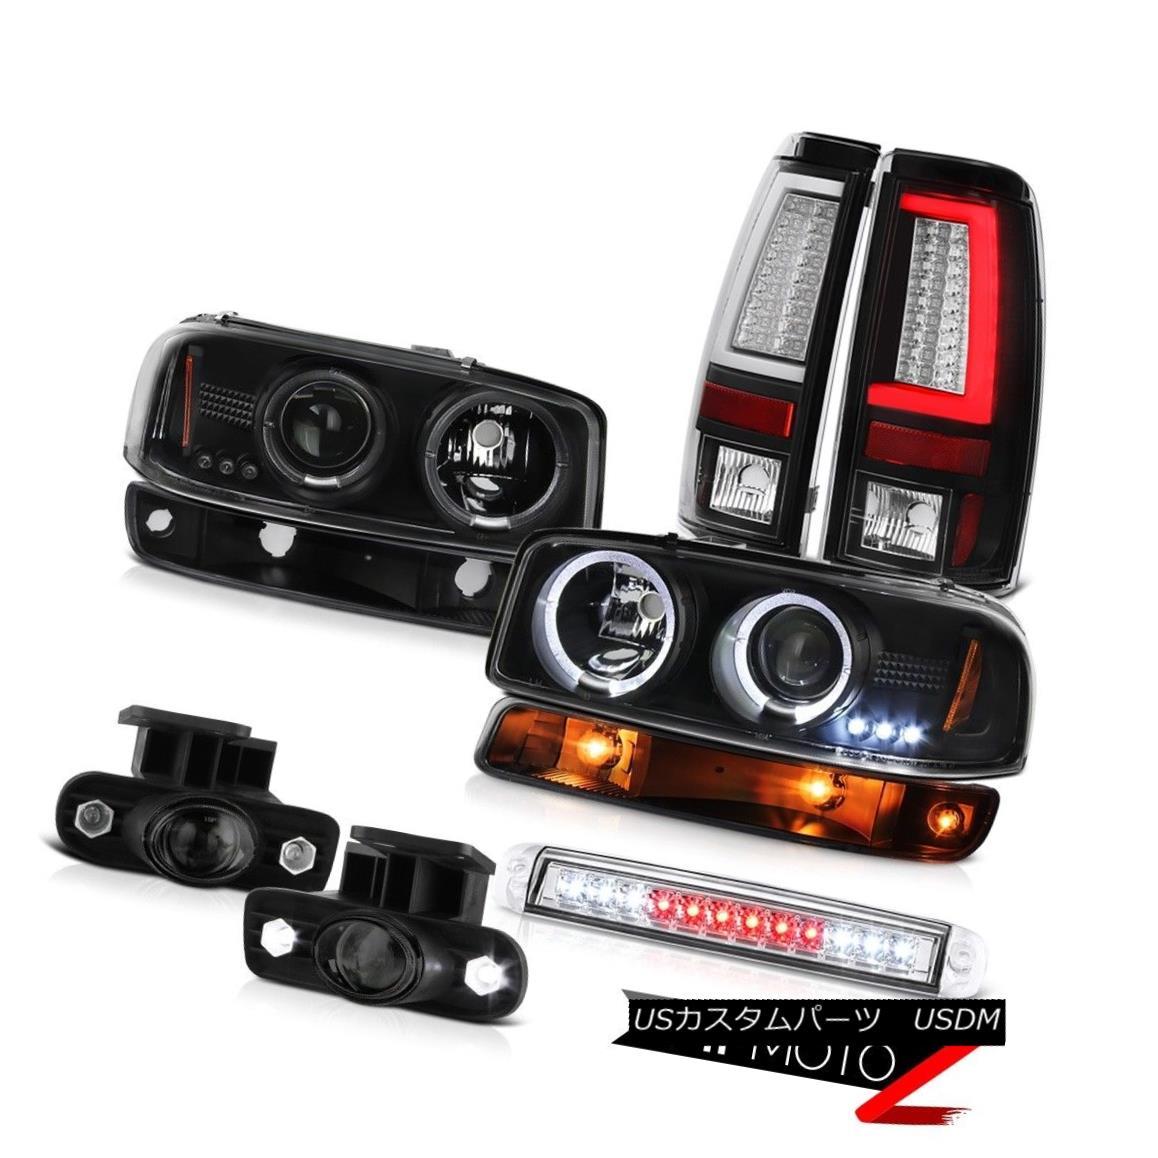 テールライト 99-02 Sierra SLE Tail Lamps Roof Cab Light Turn Signal Foglamps Headlamps LED 99-02 Sierra SLEテールランプルーフキャブライトターンシグナルフォグランプヘッドランプLED